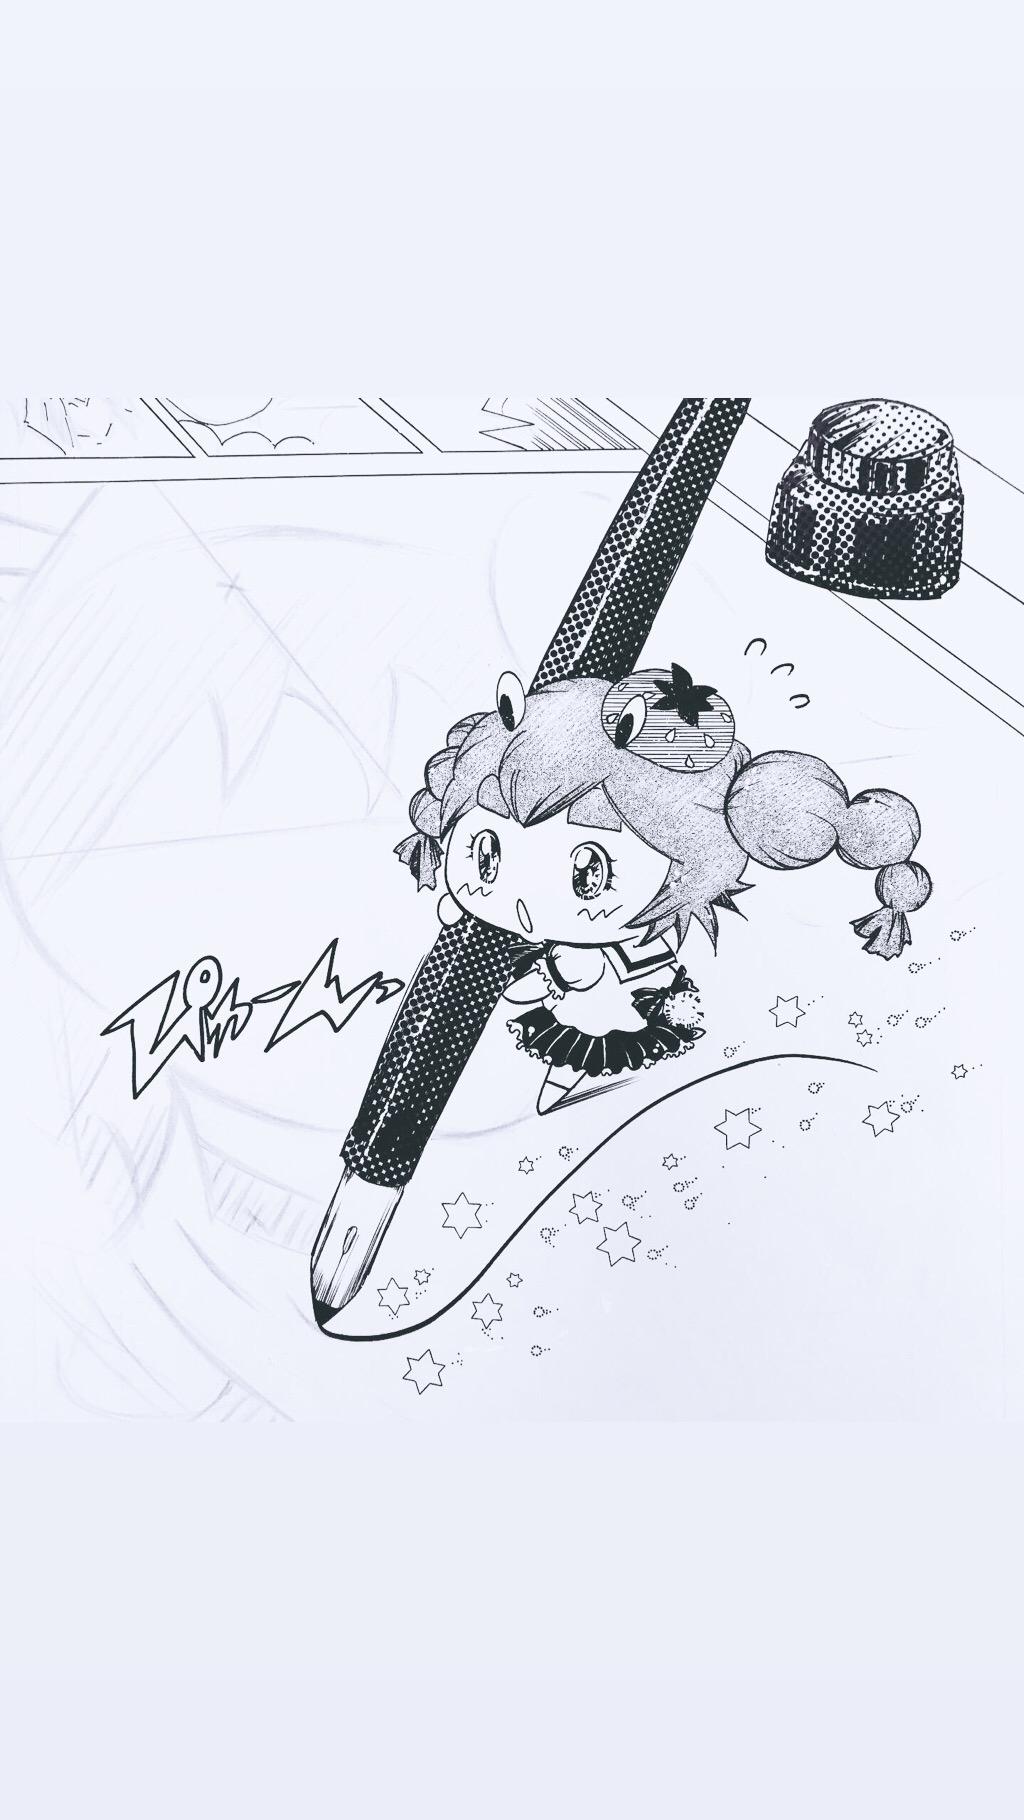 うさぎ漫画展 vol.1